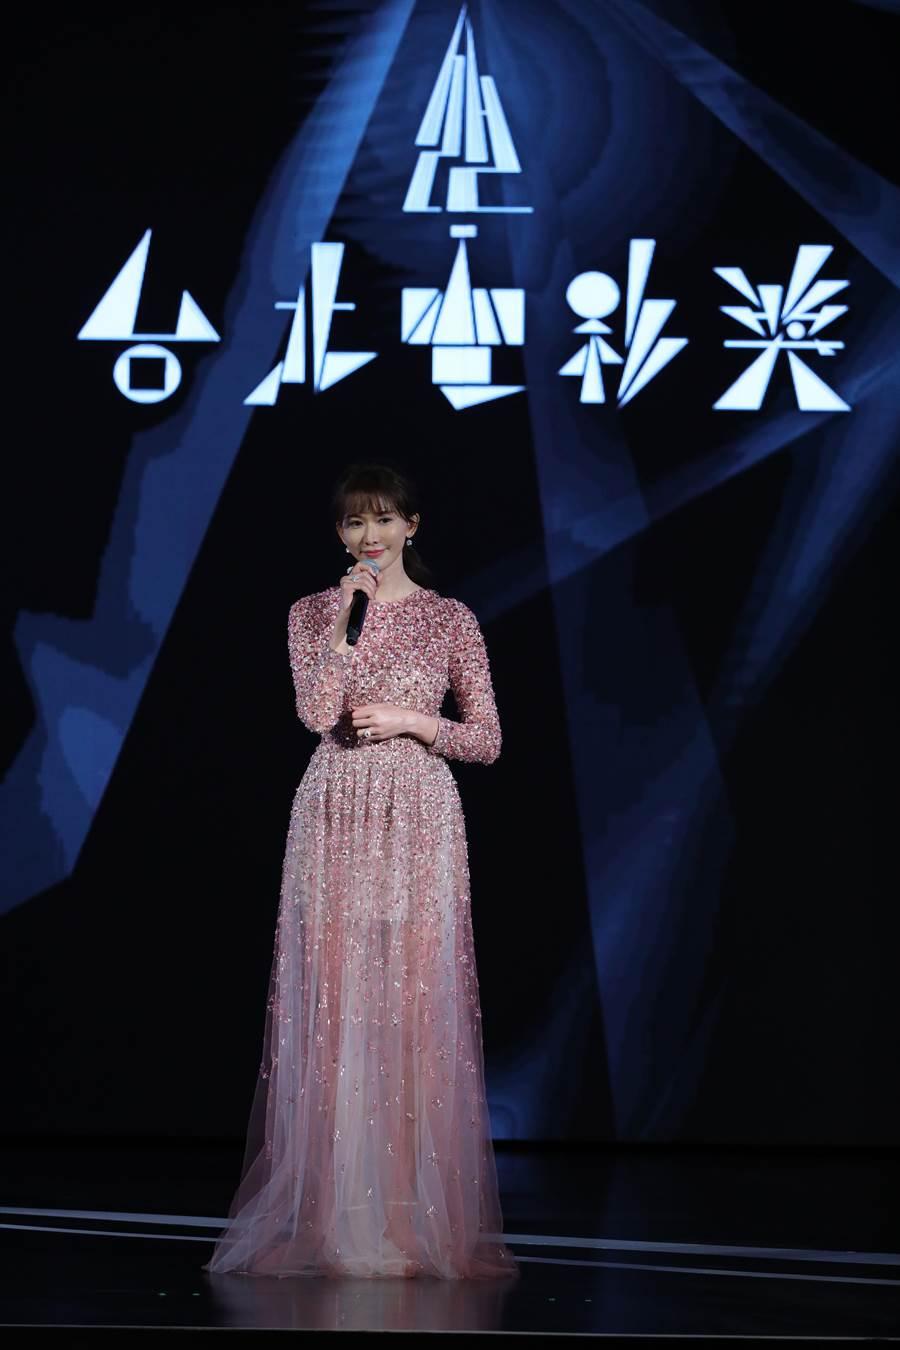 林志玲担任台北电影奖开场引言人。(台北电影节提供)